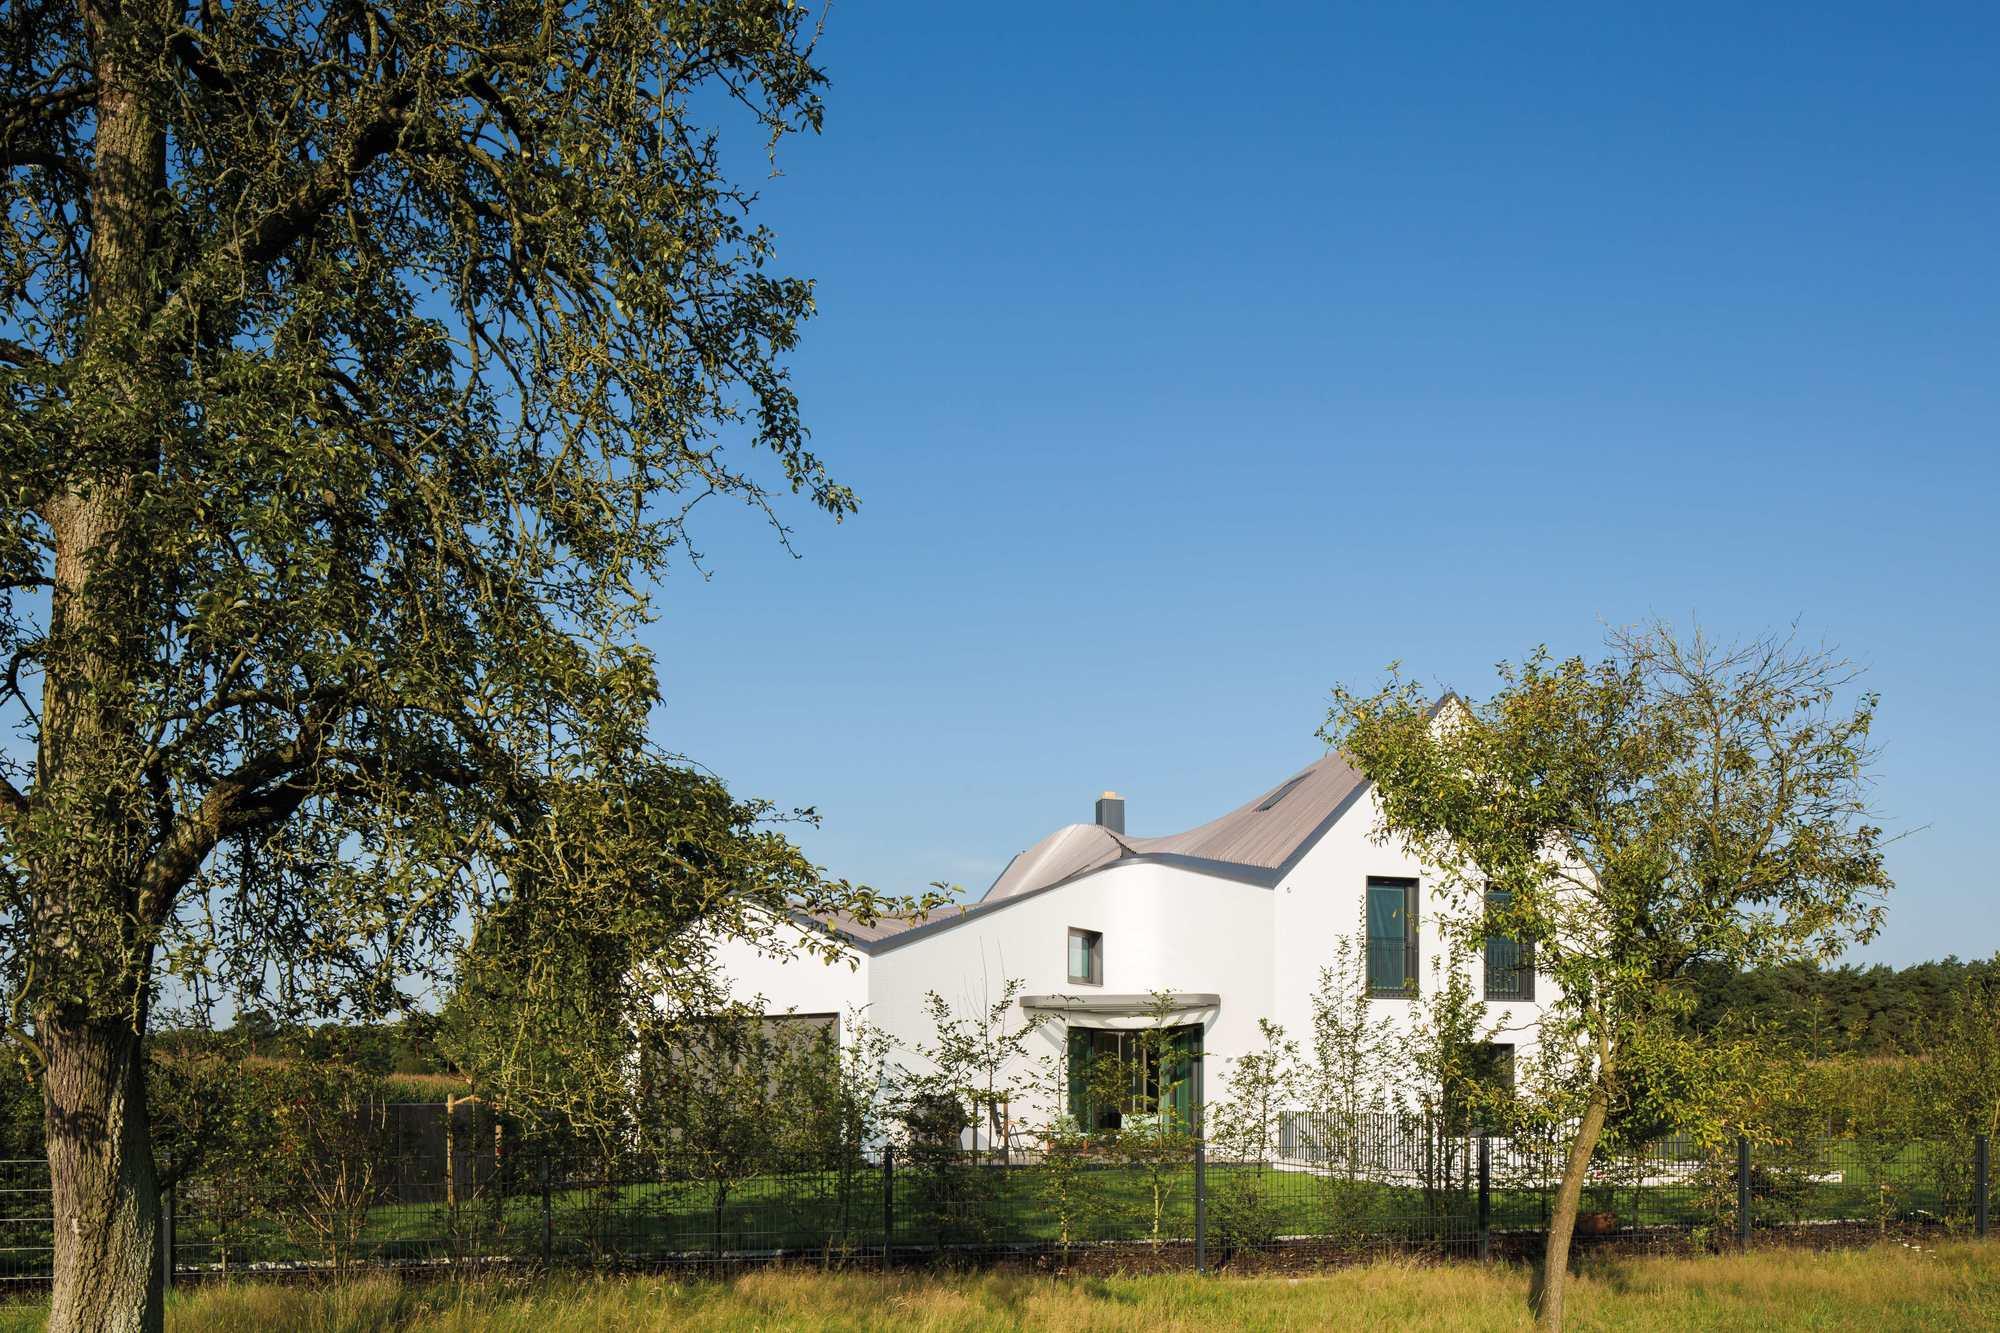 Gallery of house h one fine day architektur werk stadt 13 - Architektur werk ...